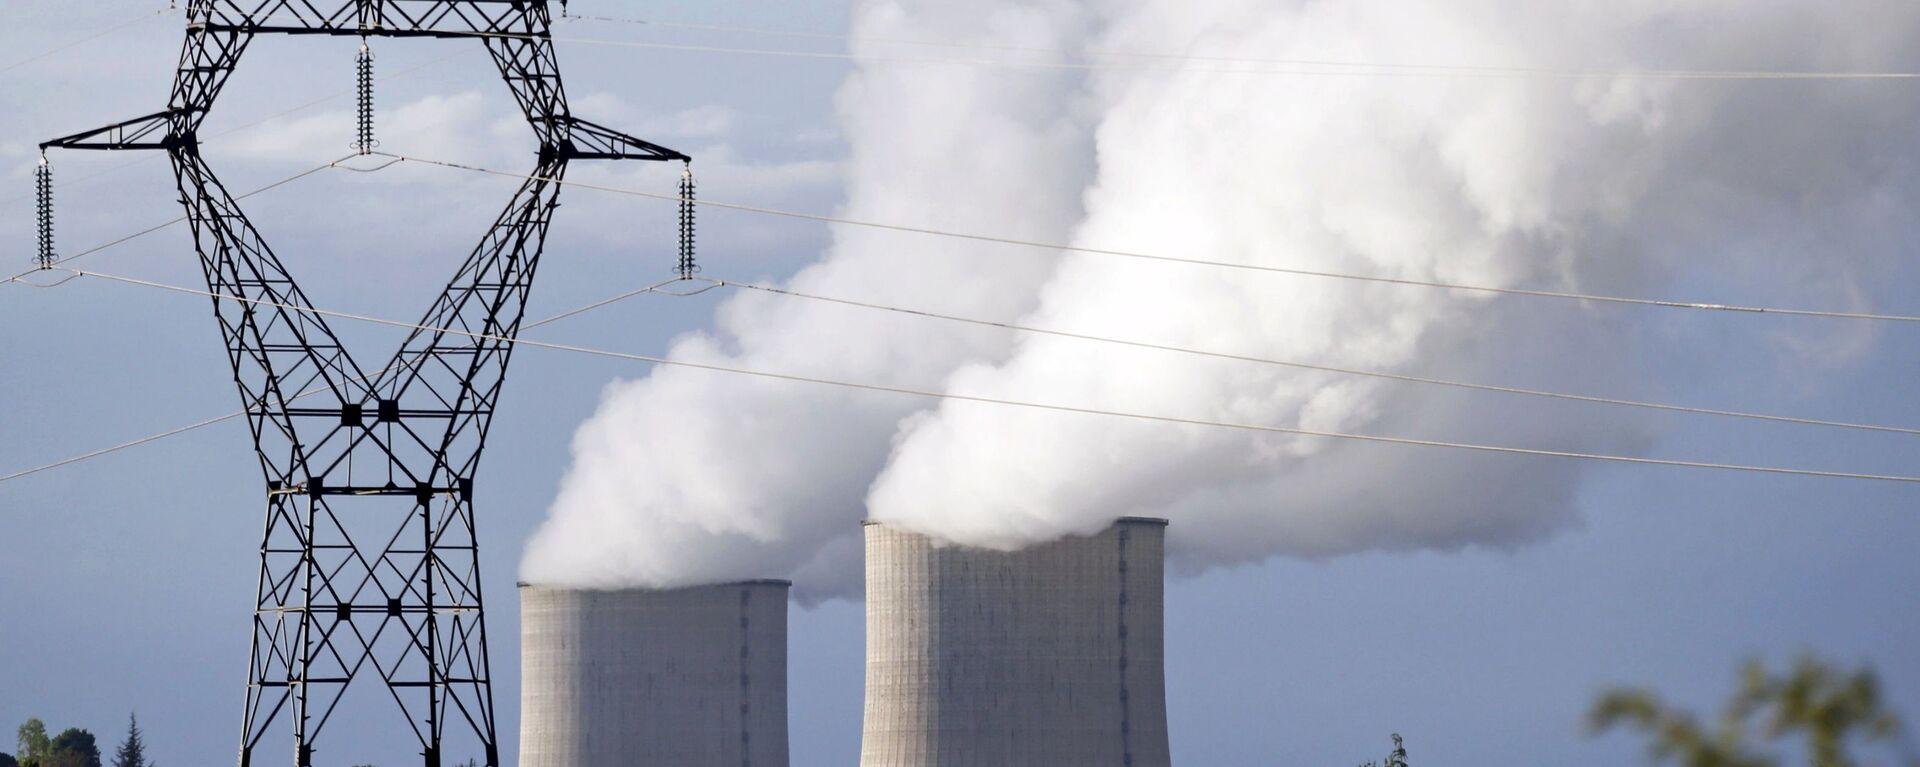 Elektrownia atomowa we Francji - Sputnik Polska, 1920, 05.07.2021